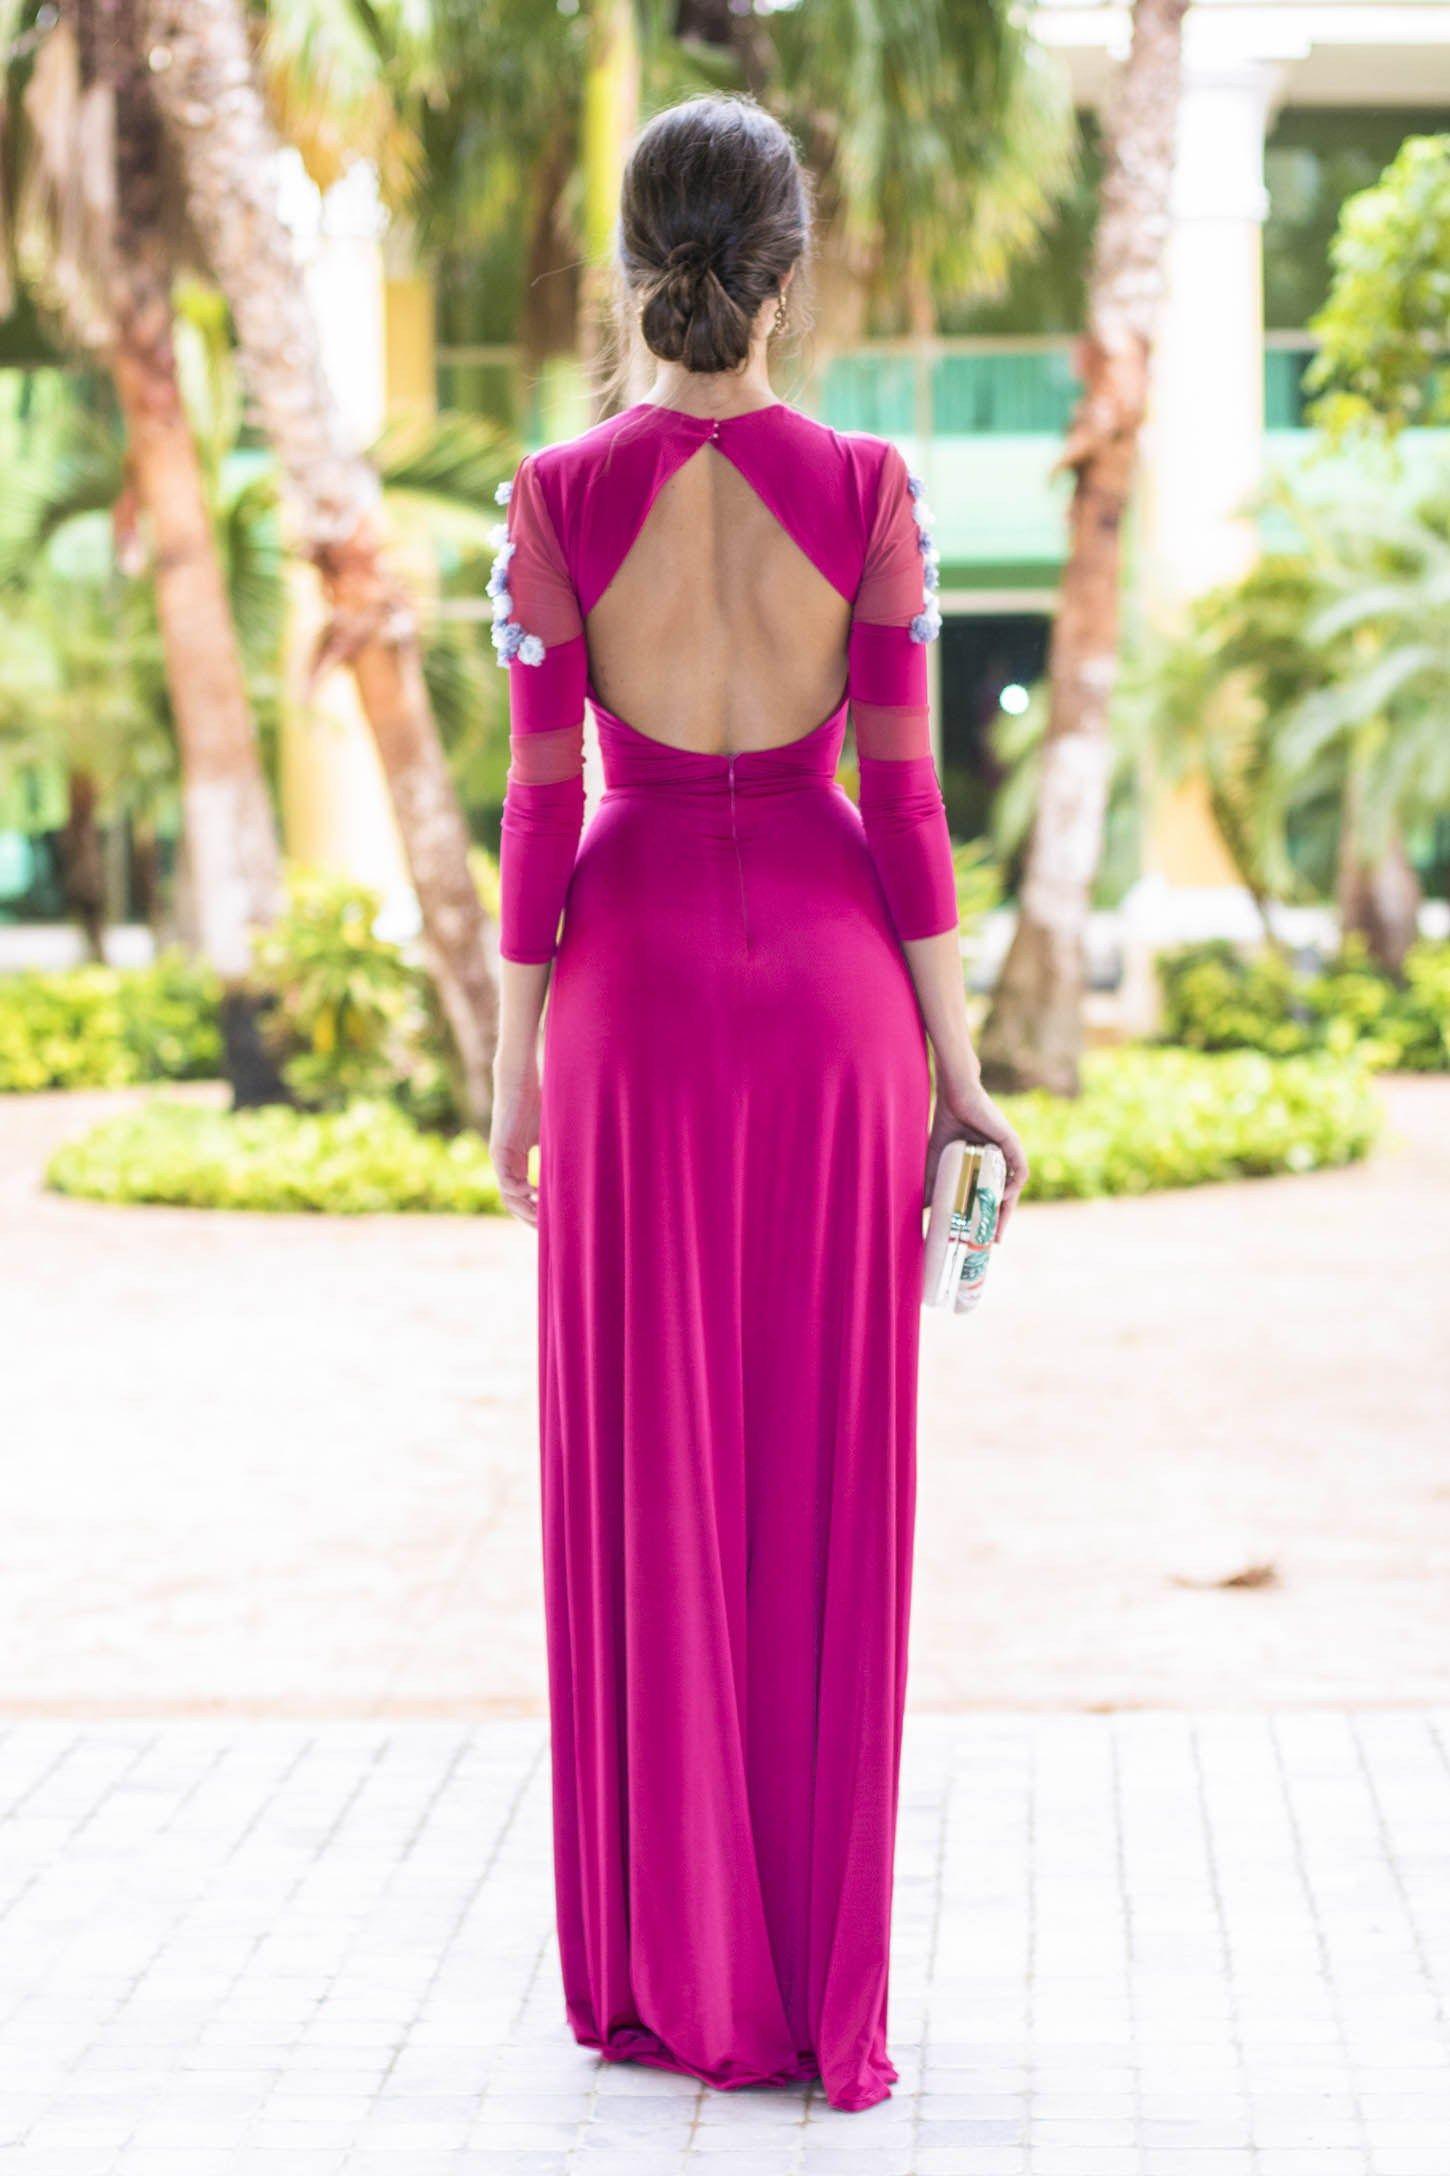 invitada boda fernando claro costura vestido noche | vestido | Pinterest